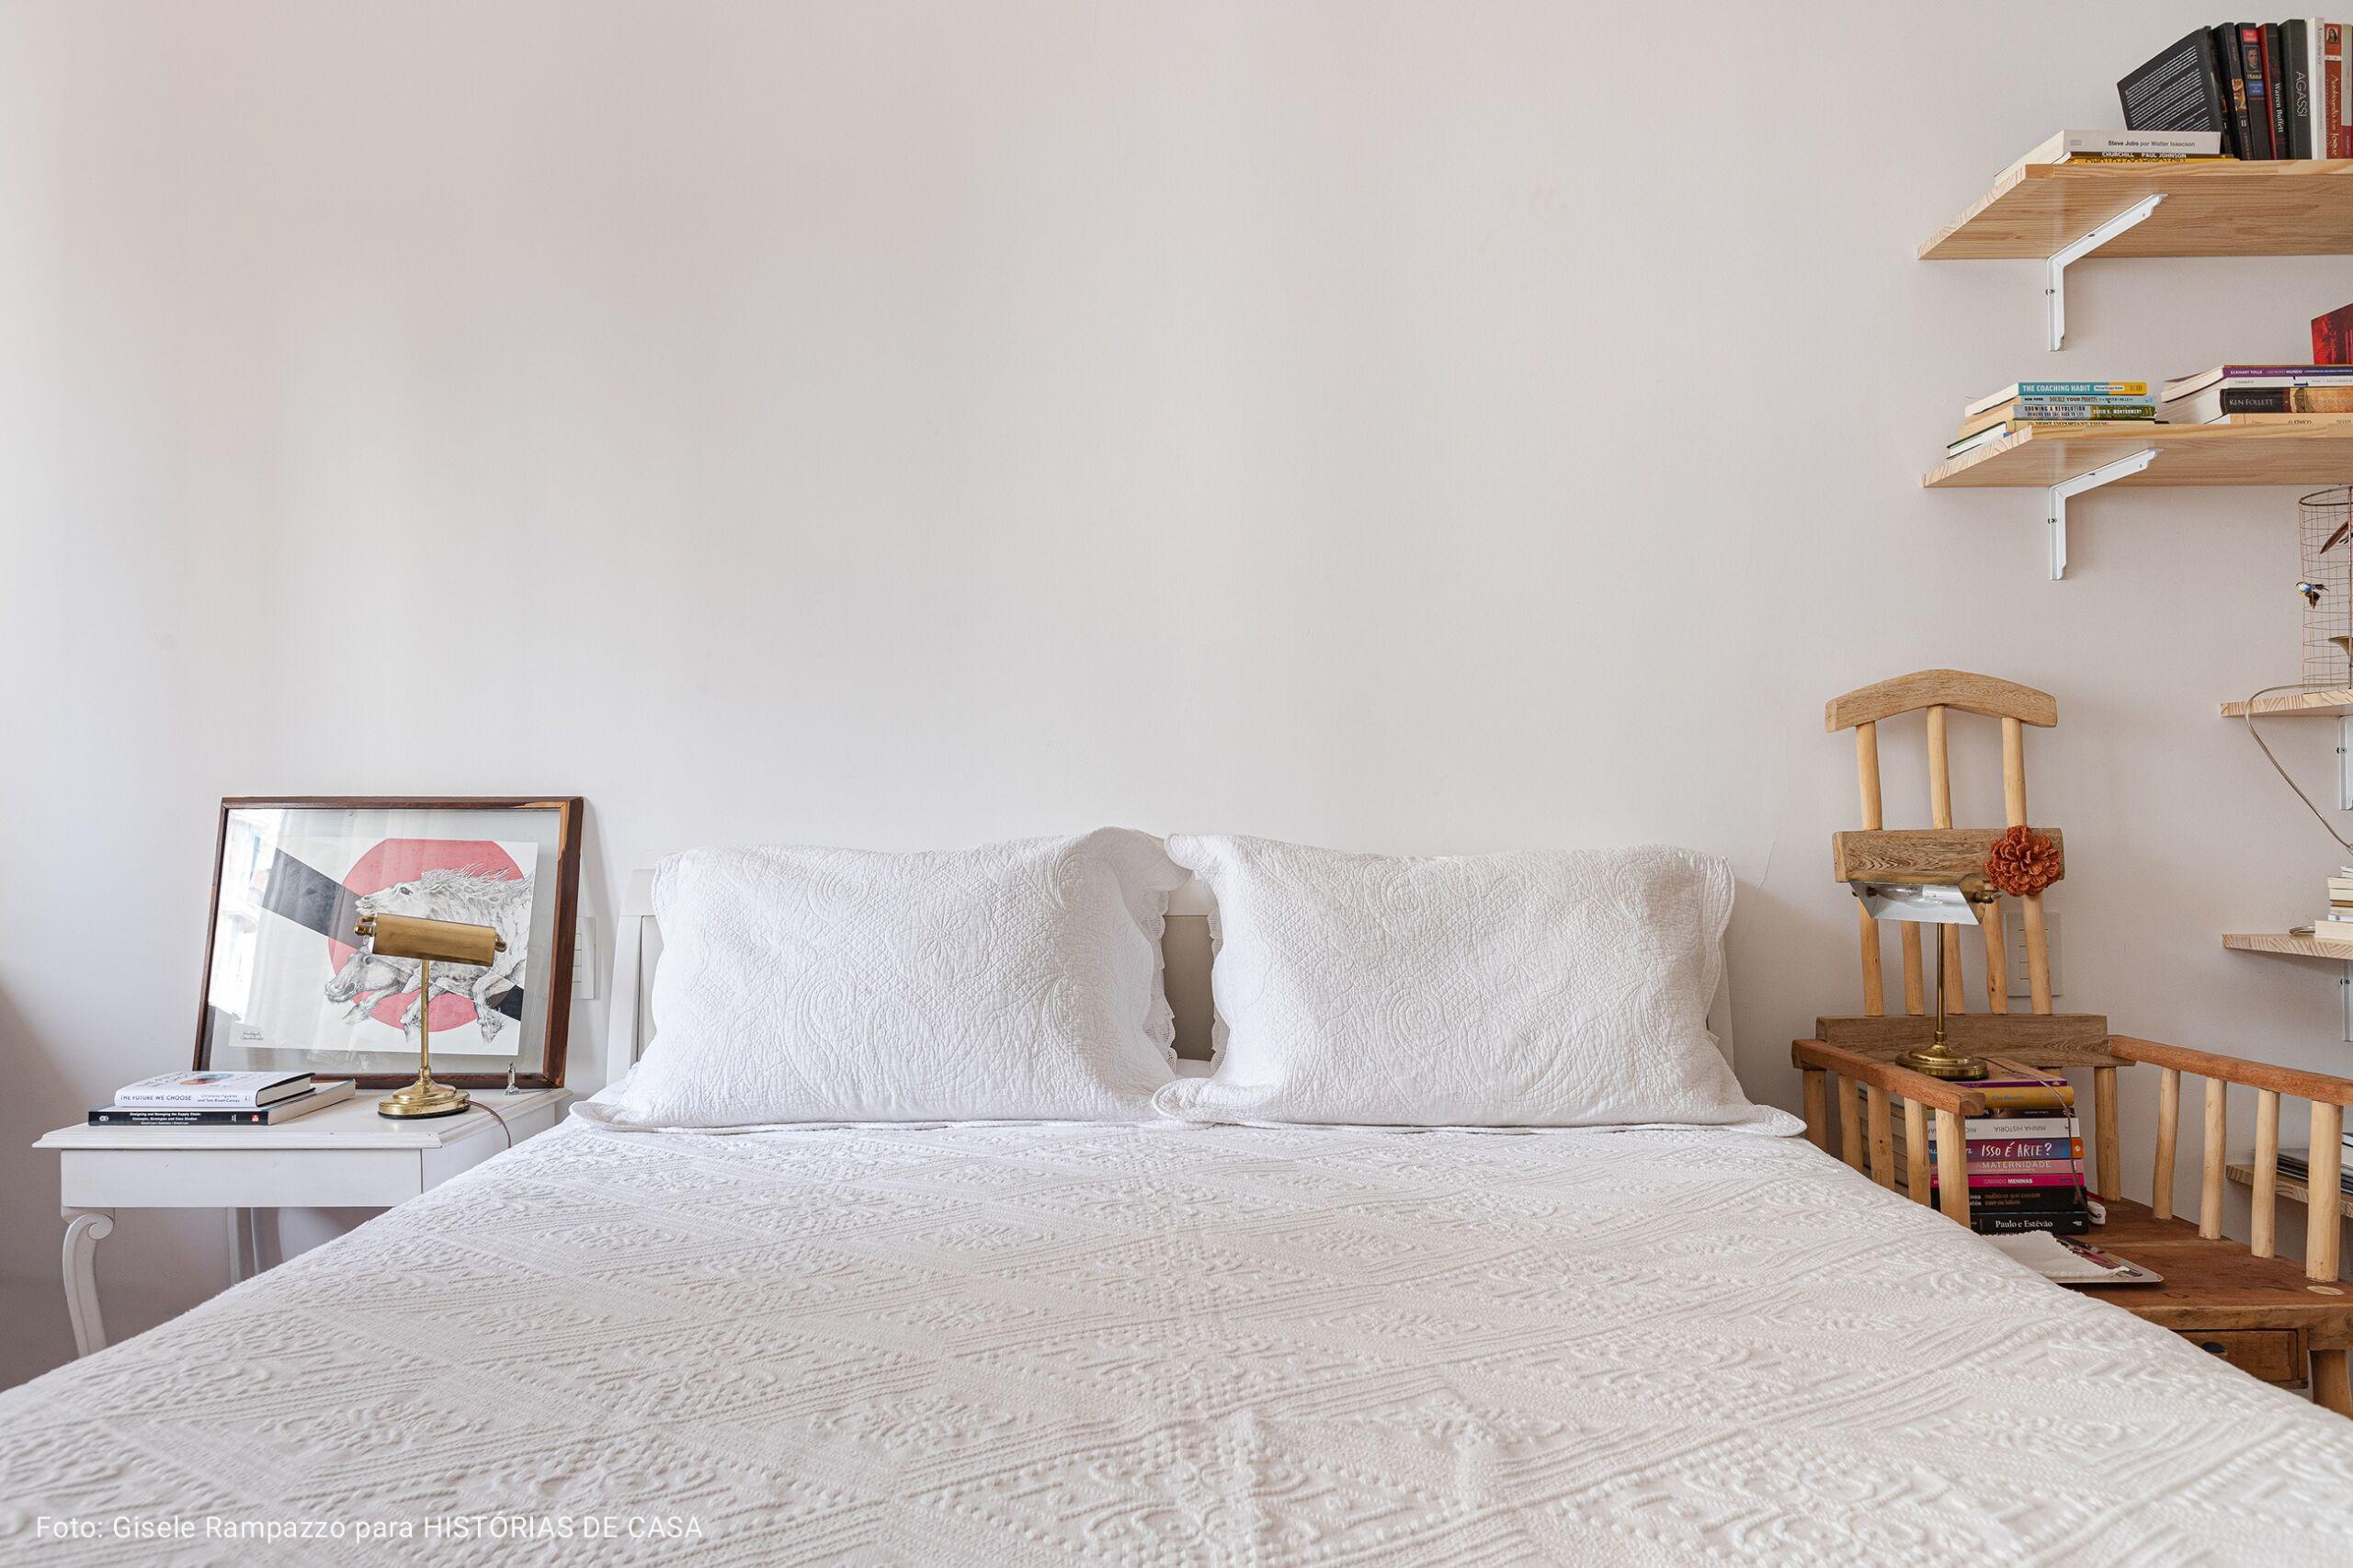 cama de casal com colcha branca